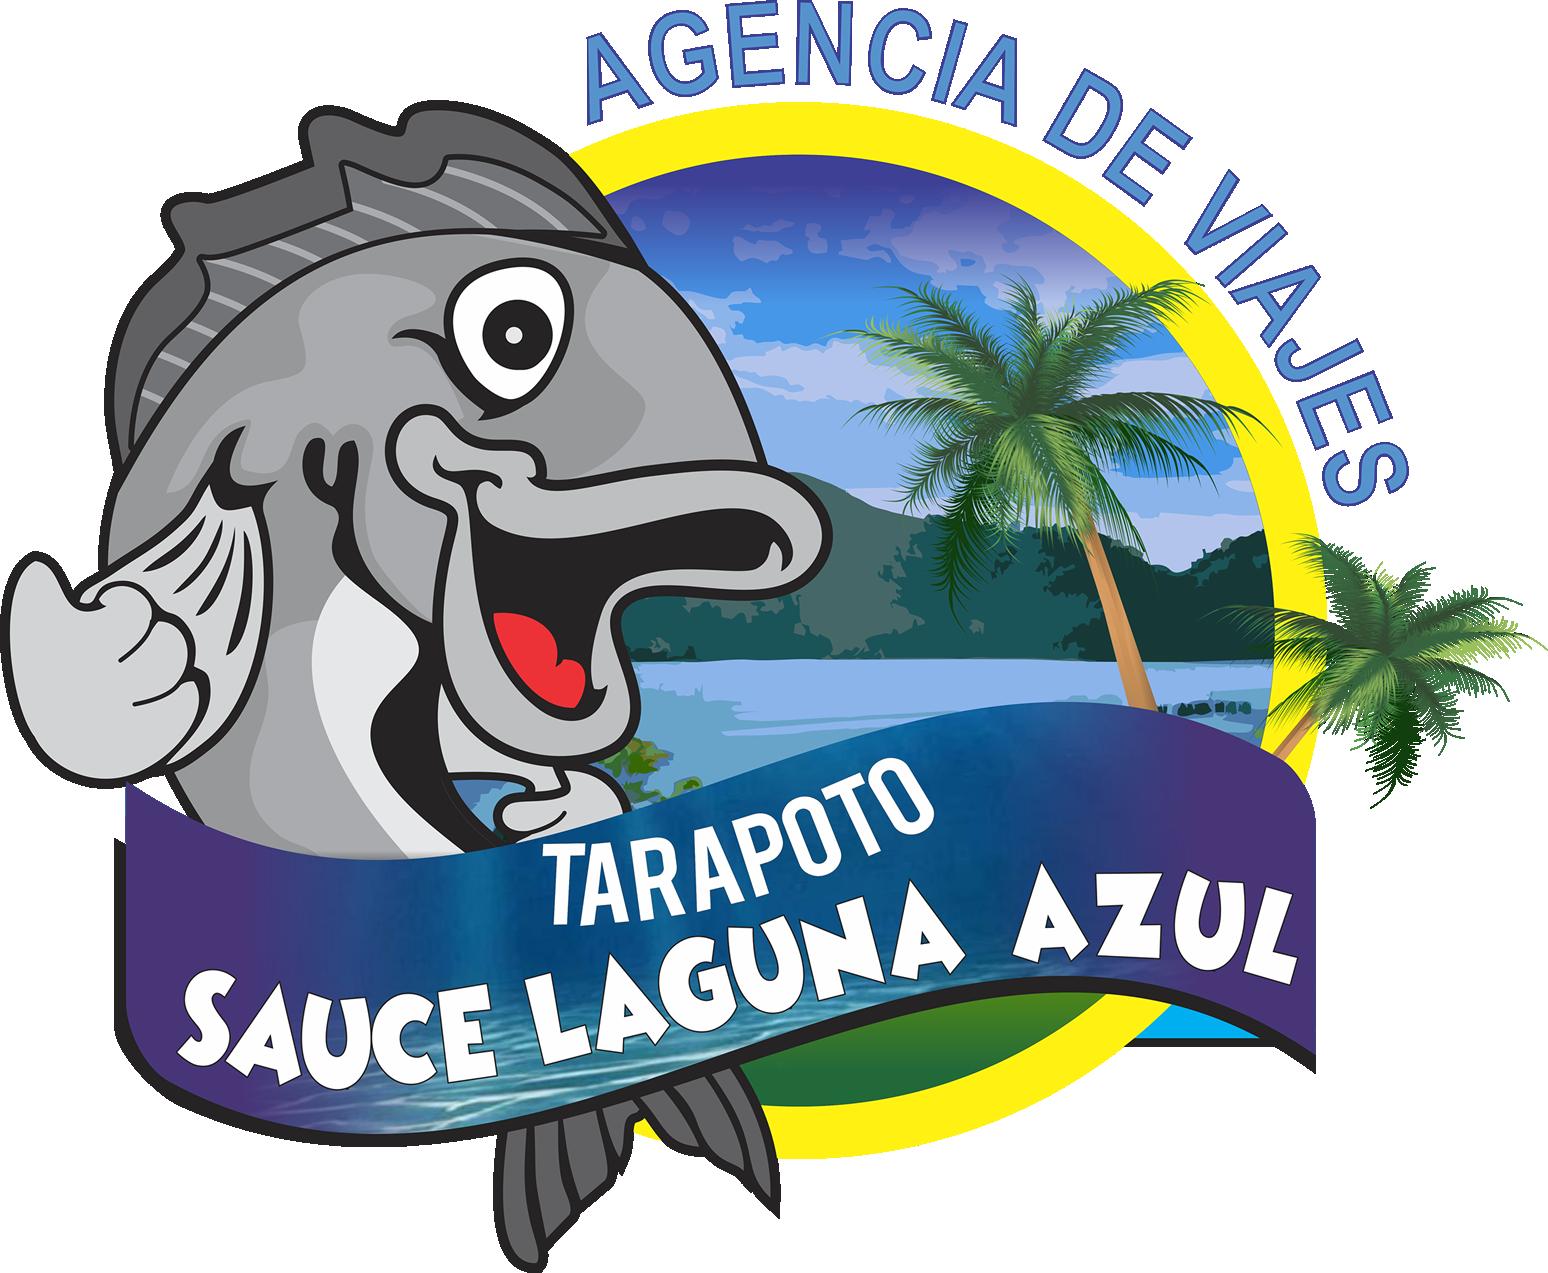 Tarapoto - Sauce Laguna Azul